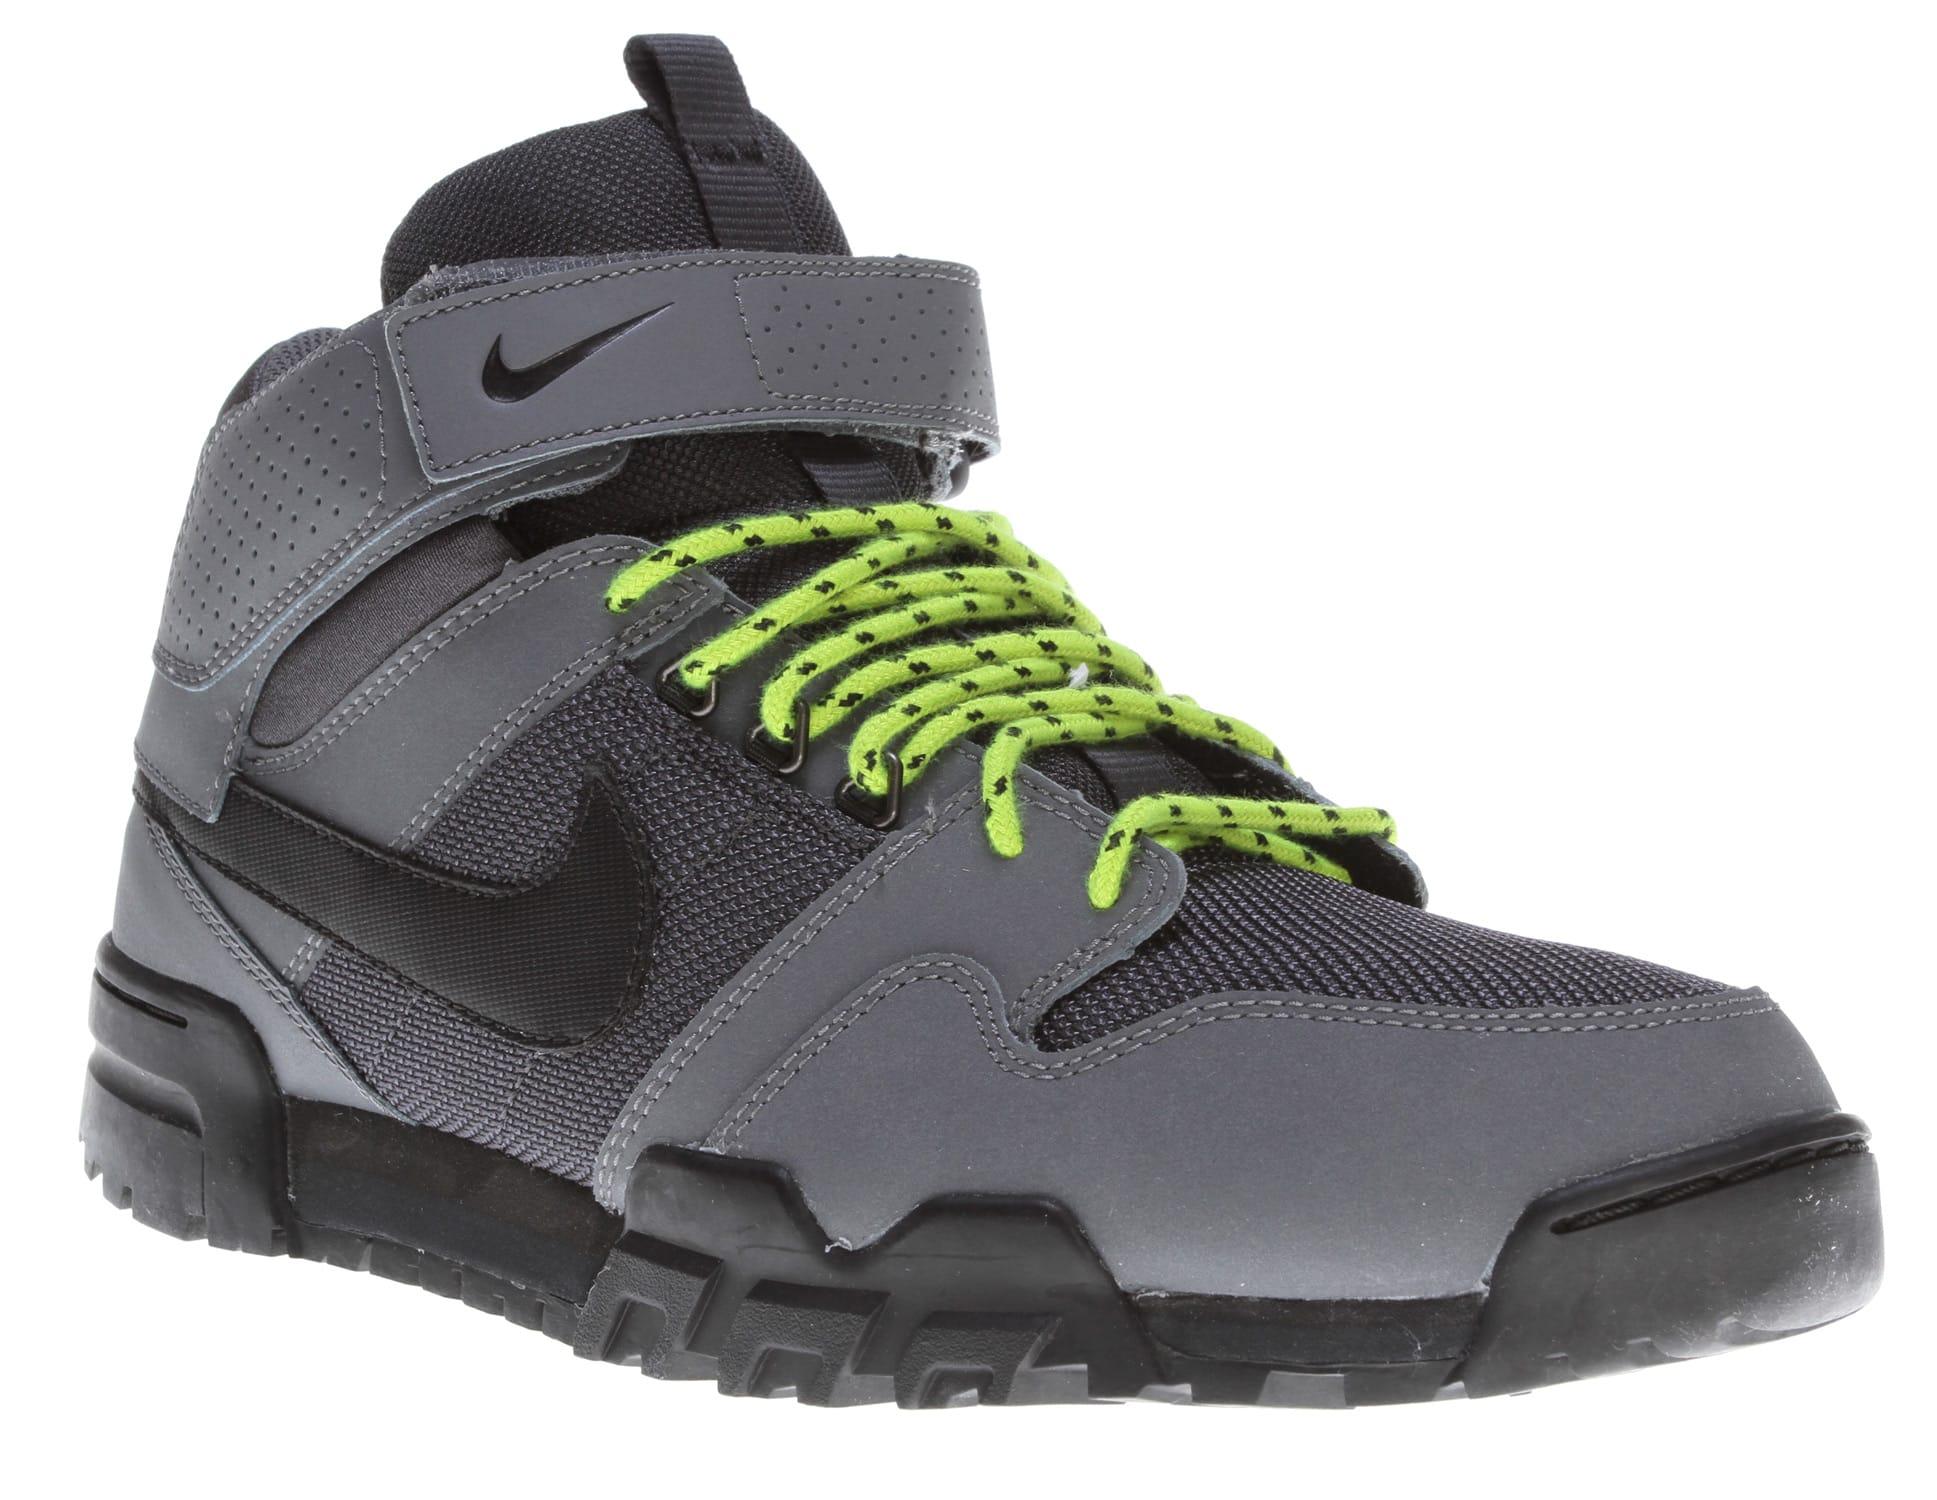 new style 13d72 b9410 Nike Mogan Mid 2 Oms Skate Shoes - thumbnail 2